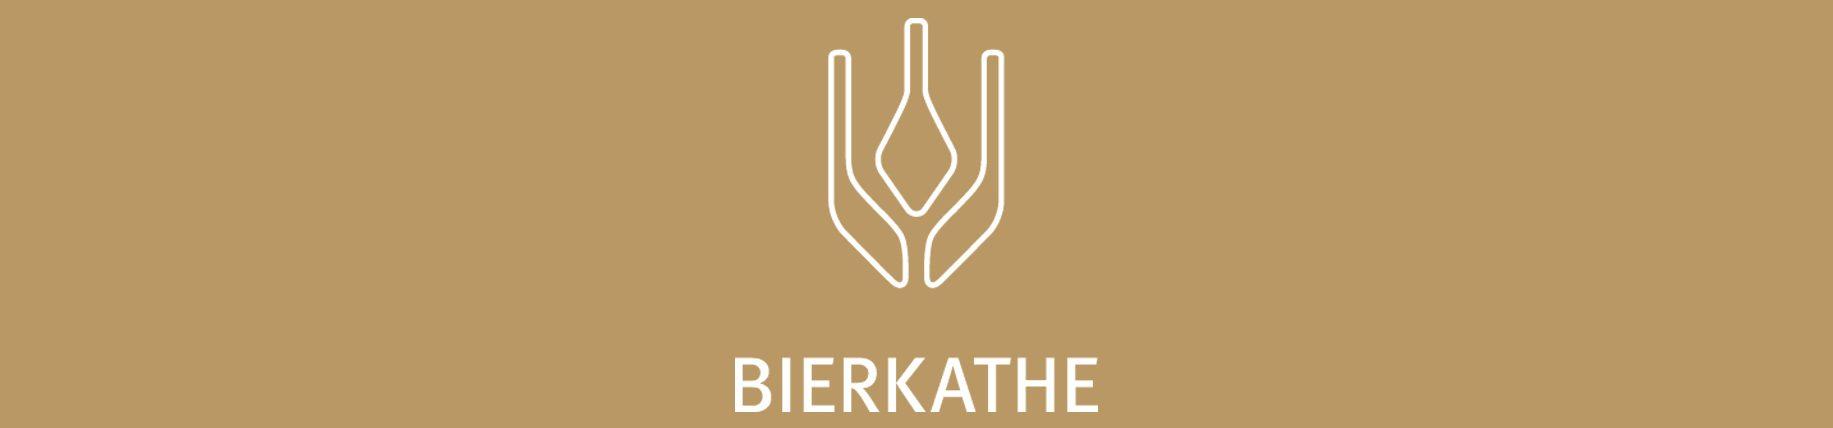 BIERKATHE